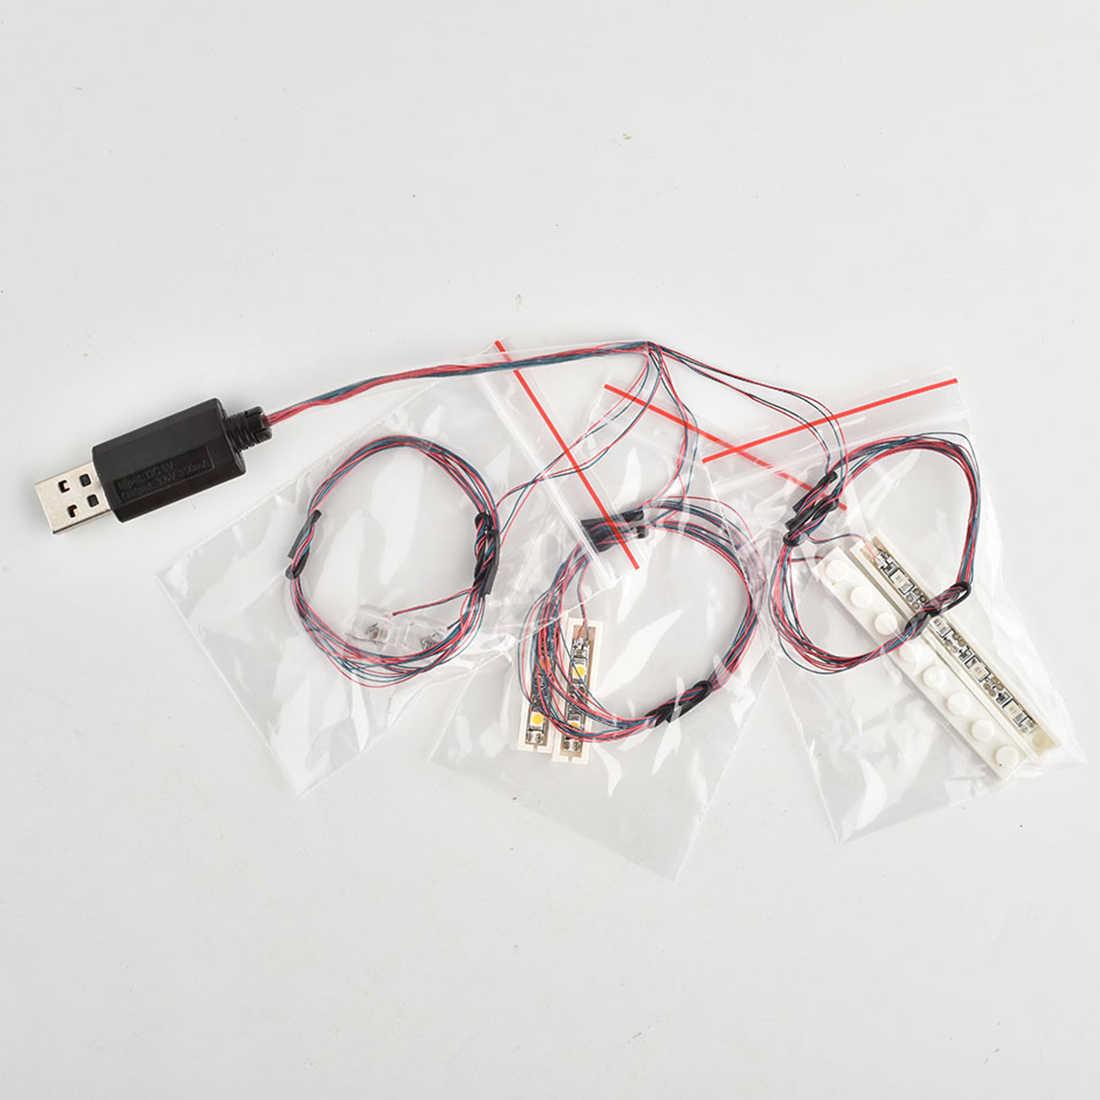 Kit de iluminación LED USB para figma 21310 (solo luz LED, sin juego de bloques)